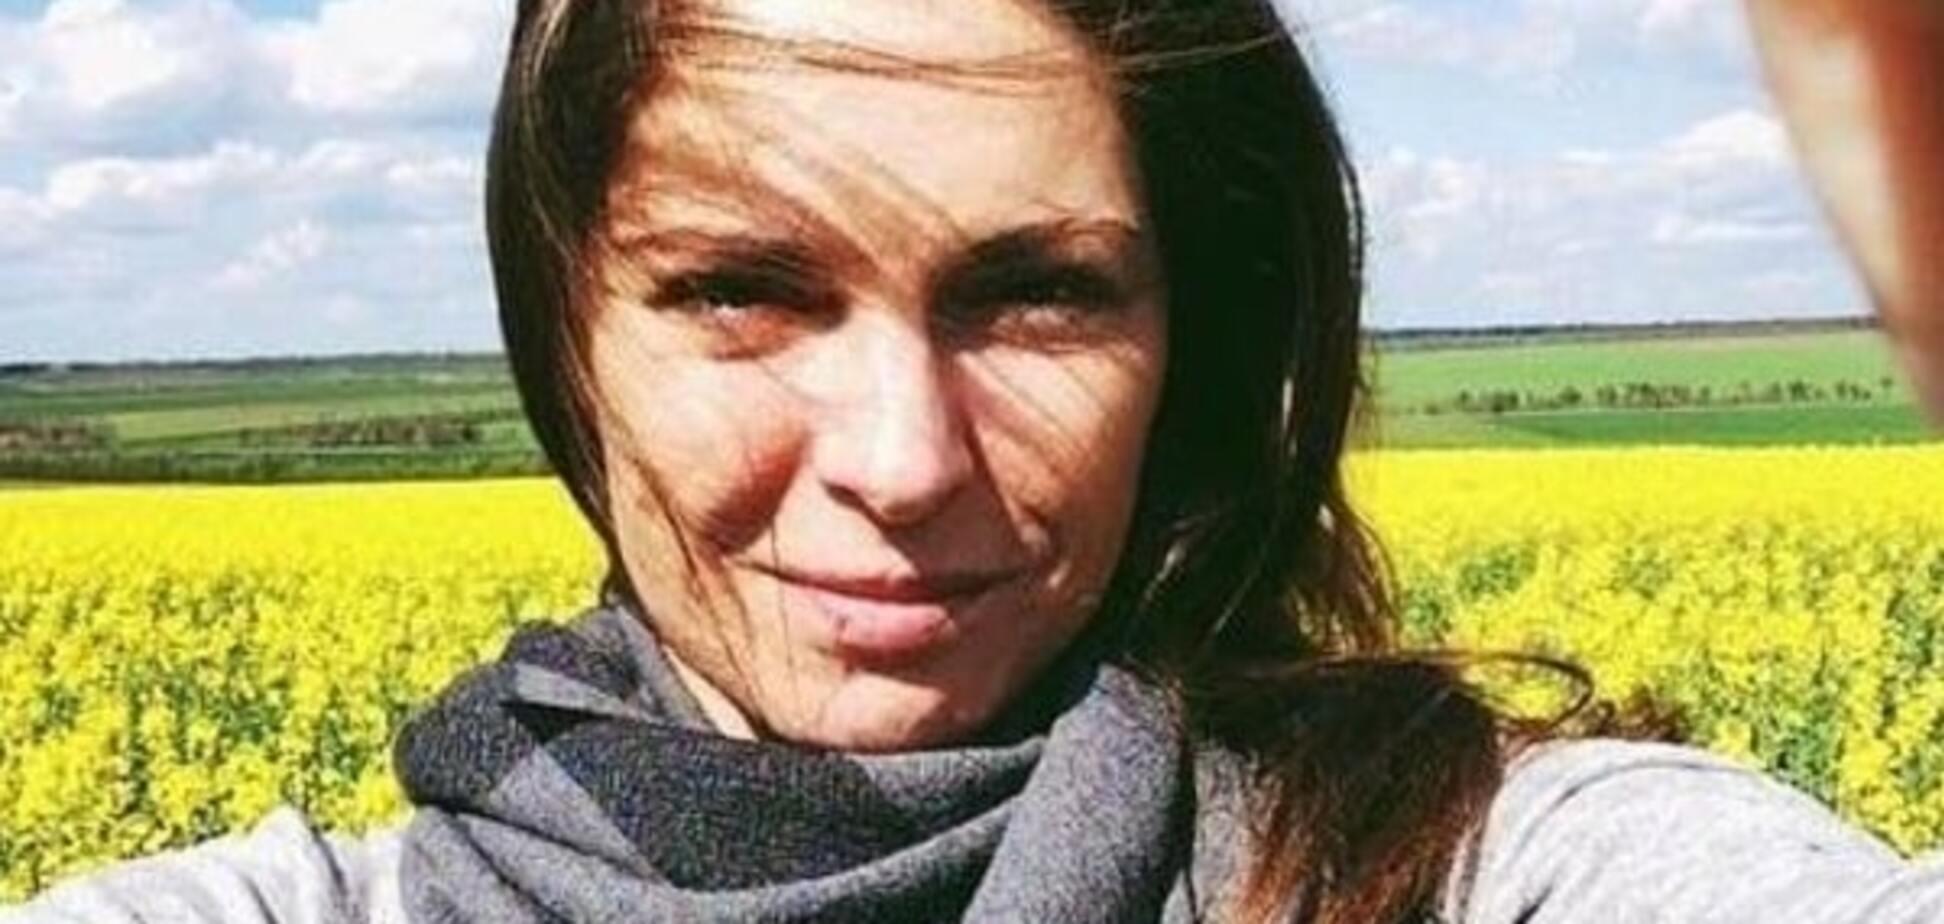 Підозрювана в тероризмі росіянка Леонова вийшла на свободу